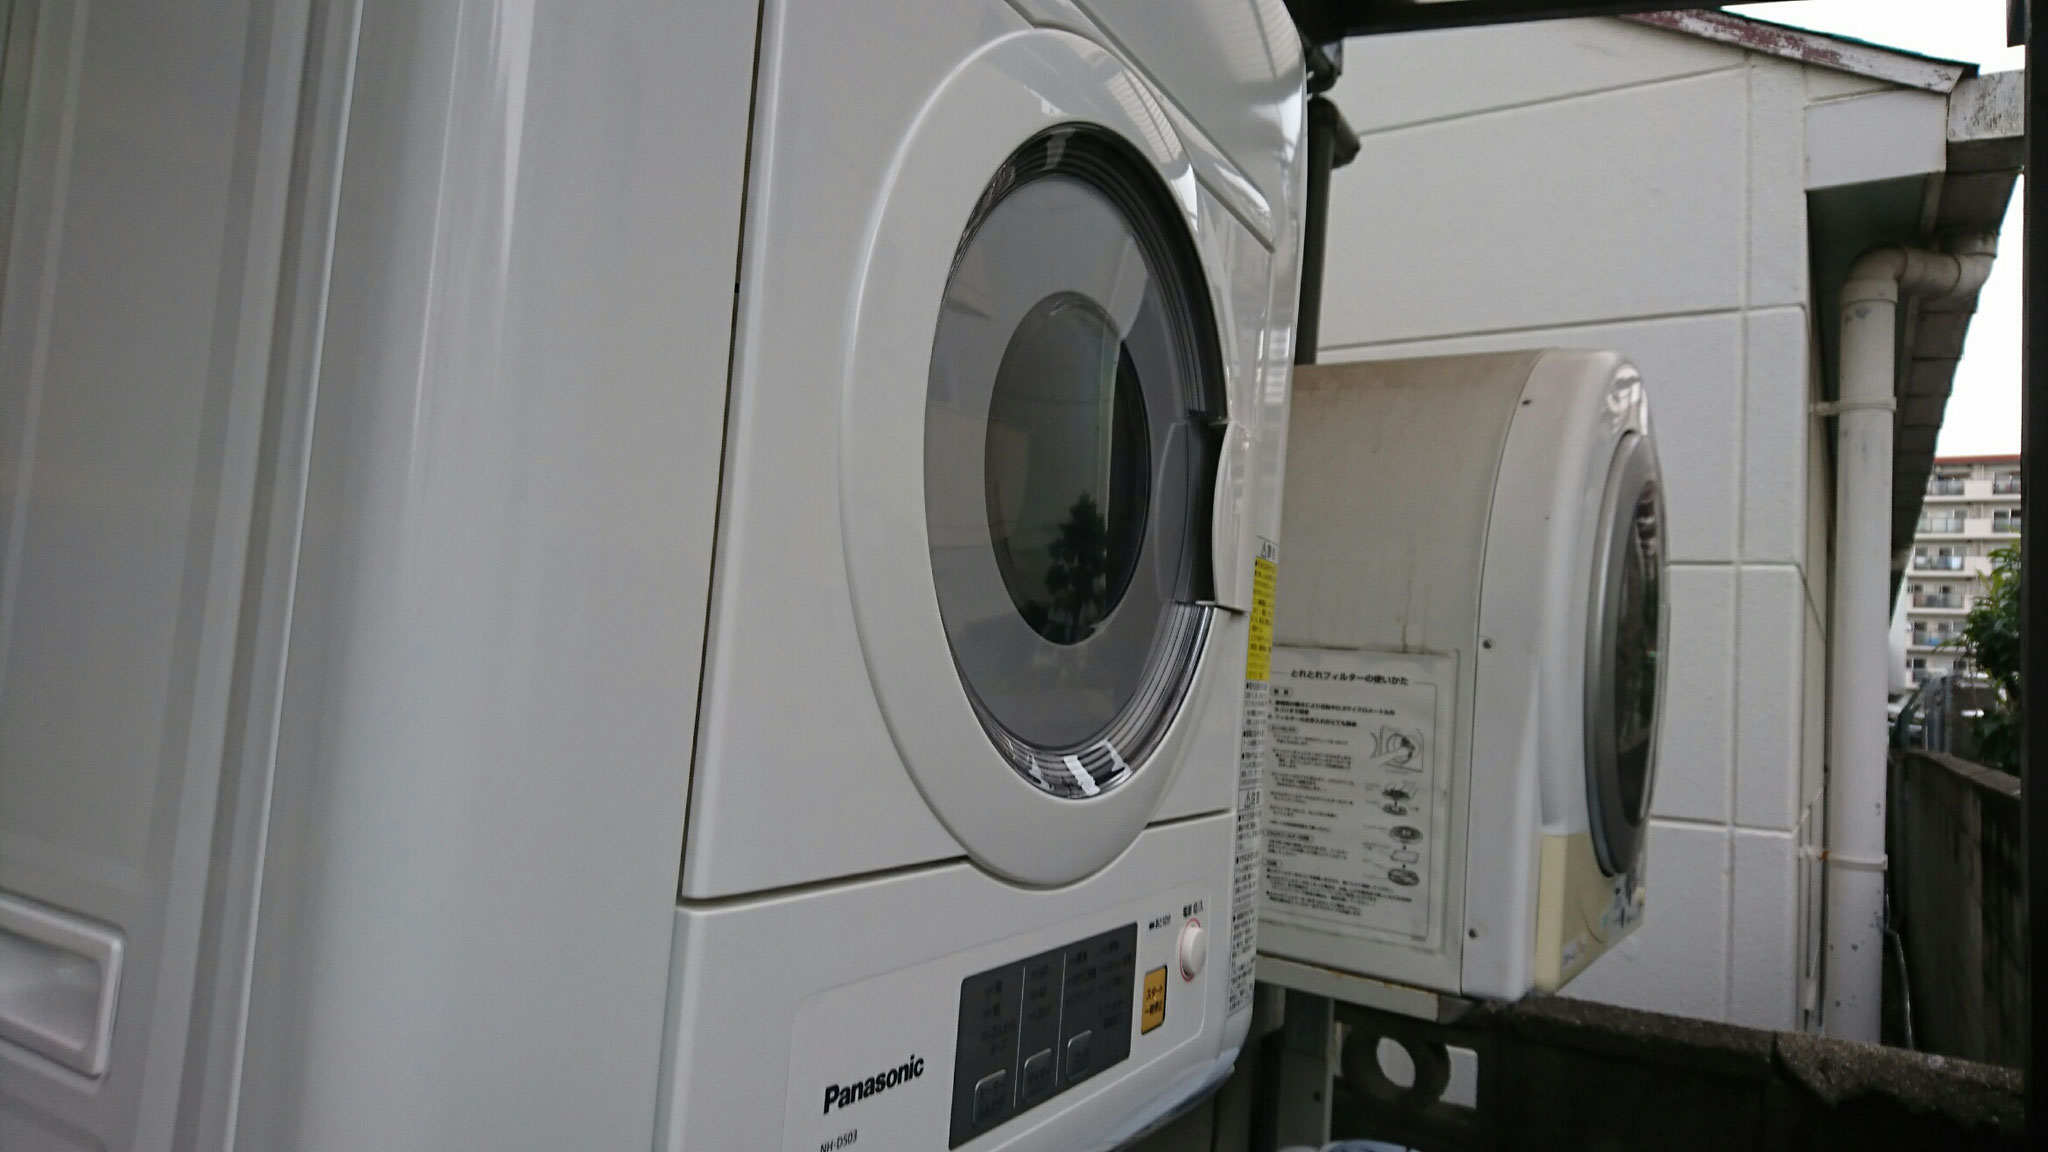 2019.1 衣類乾燥機の交換